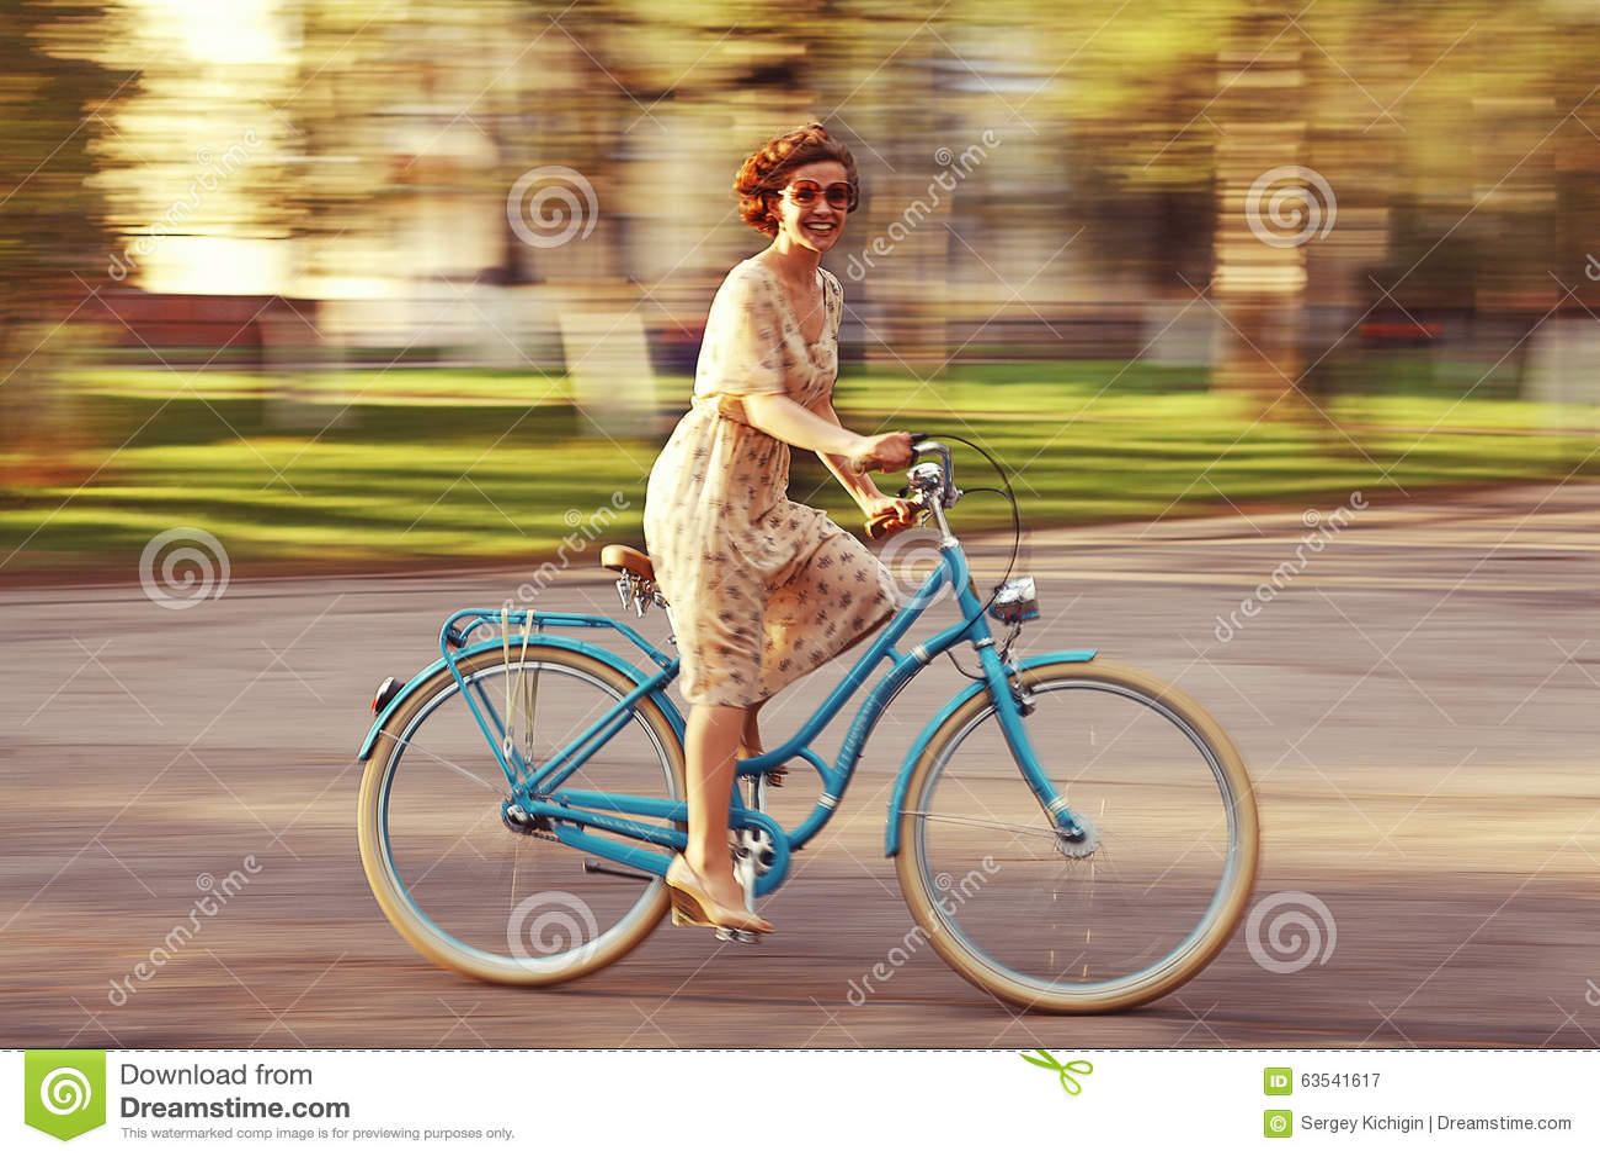 Vrolijk meisje op een fiets